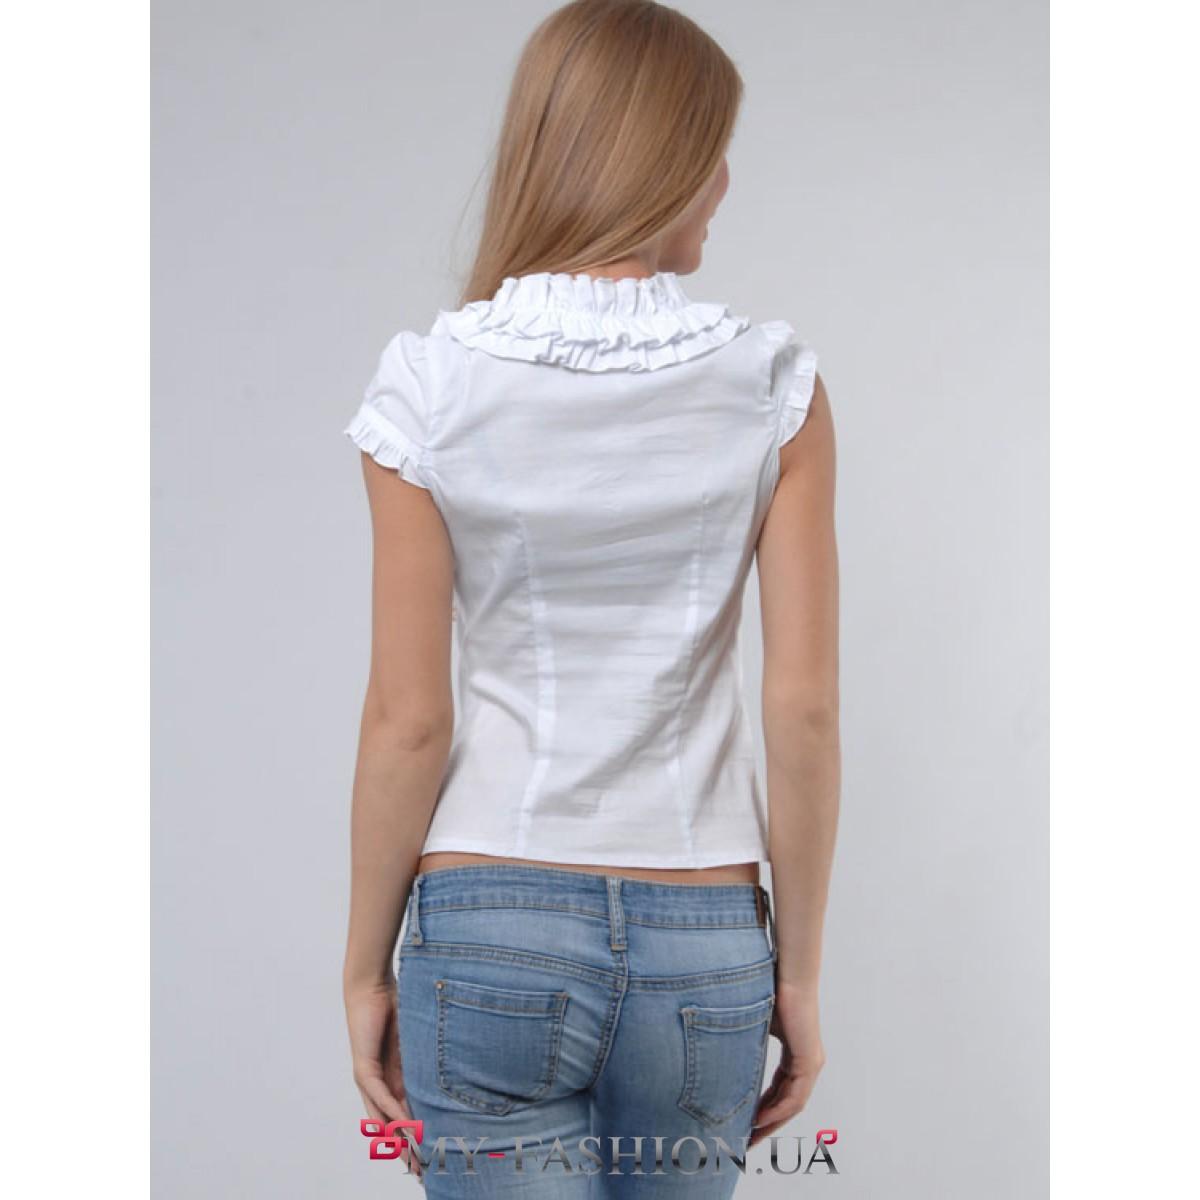 Белая Блузка С Воланами Купить